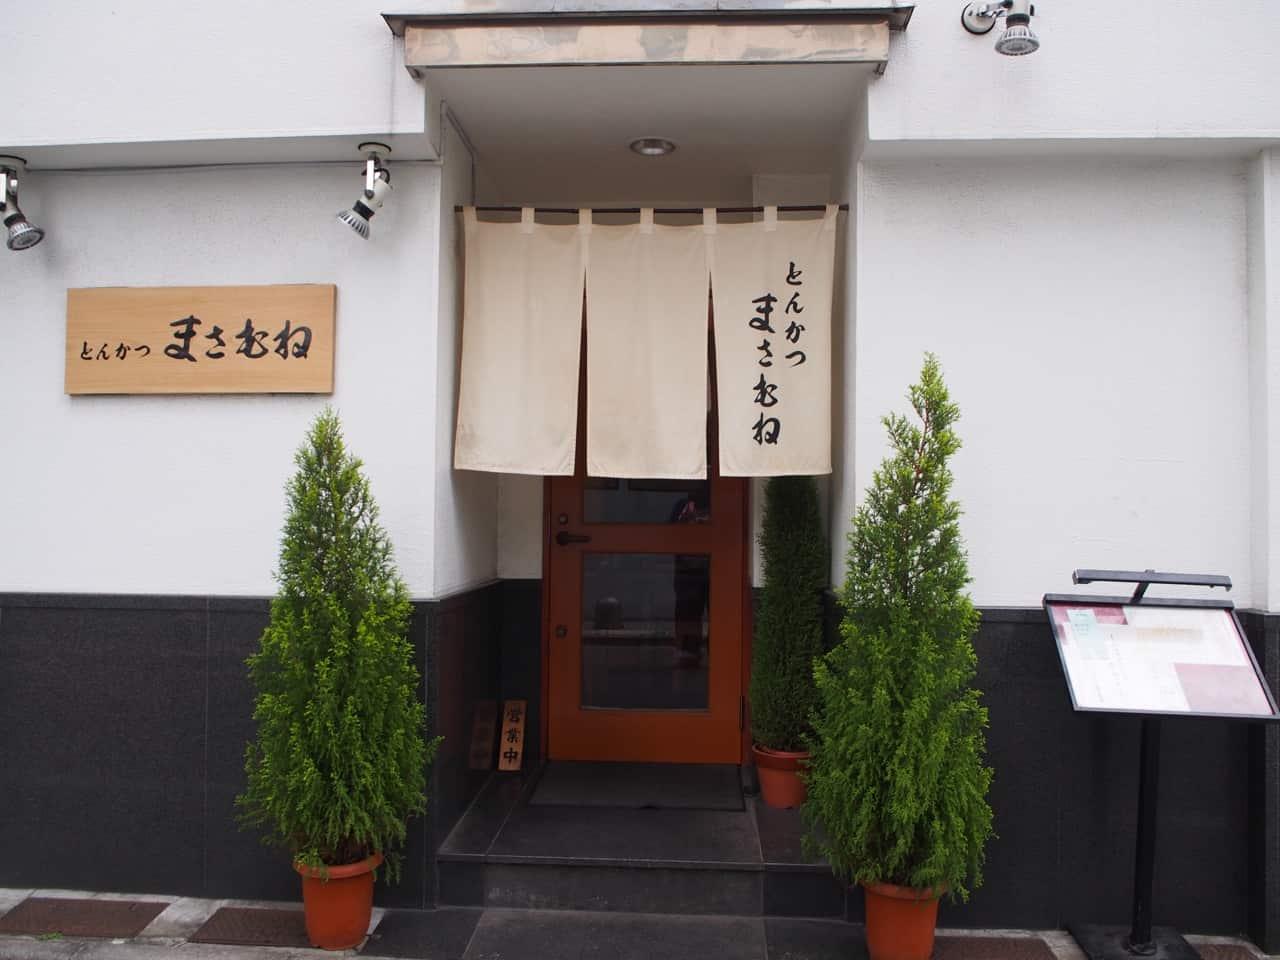 ร้านอาหาร มิชลิน สตาร์ ราคาถูก ที่ โตเกียว - Tonkatsu Masamune とんかつ まさむね , TAMEIKESANNO